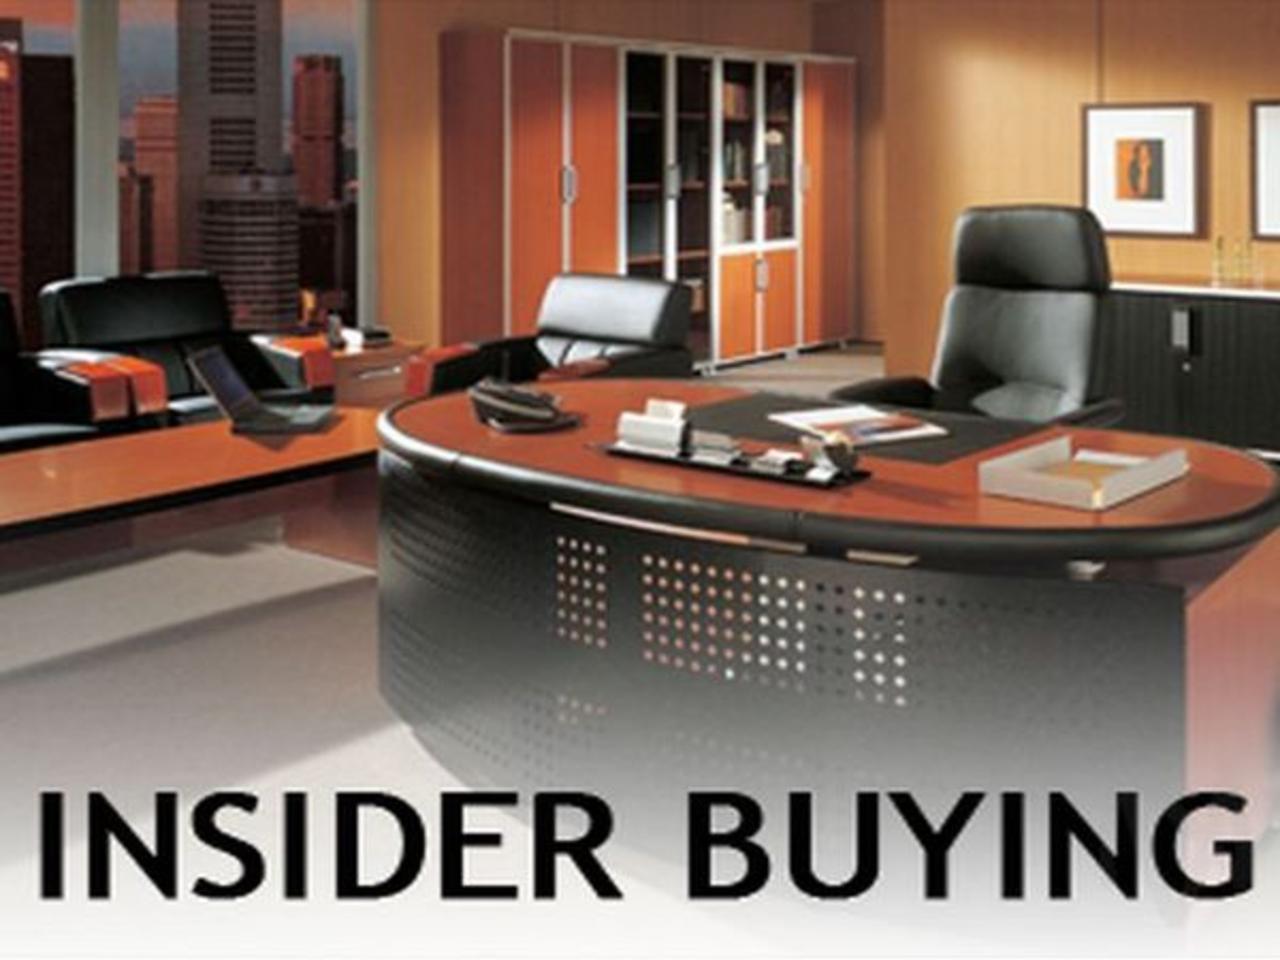 Friday 6/11 Insider Buying Report: HYMC, FRG